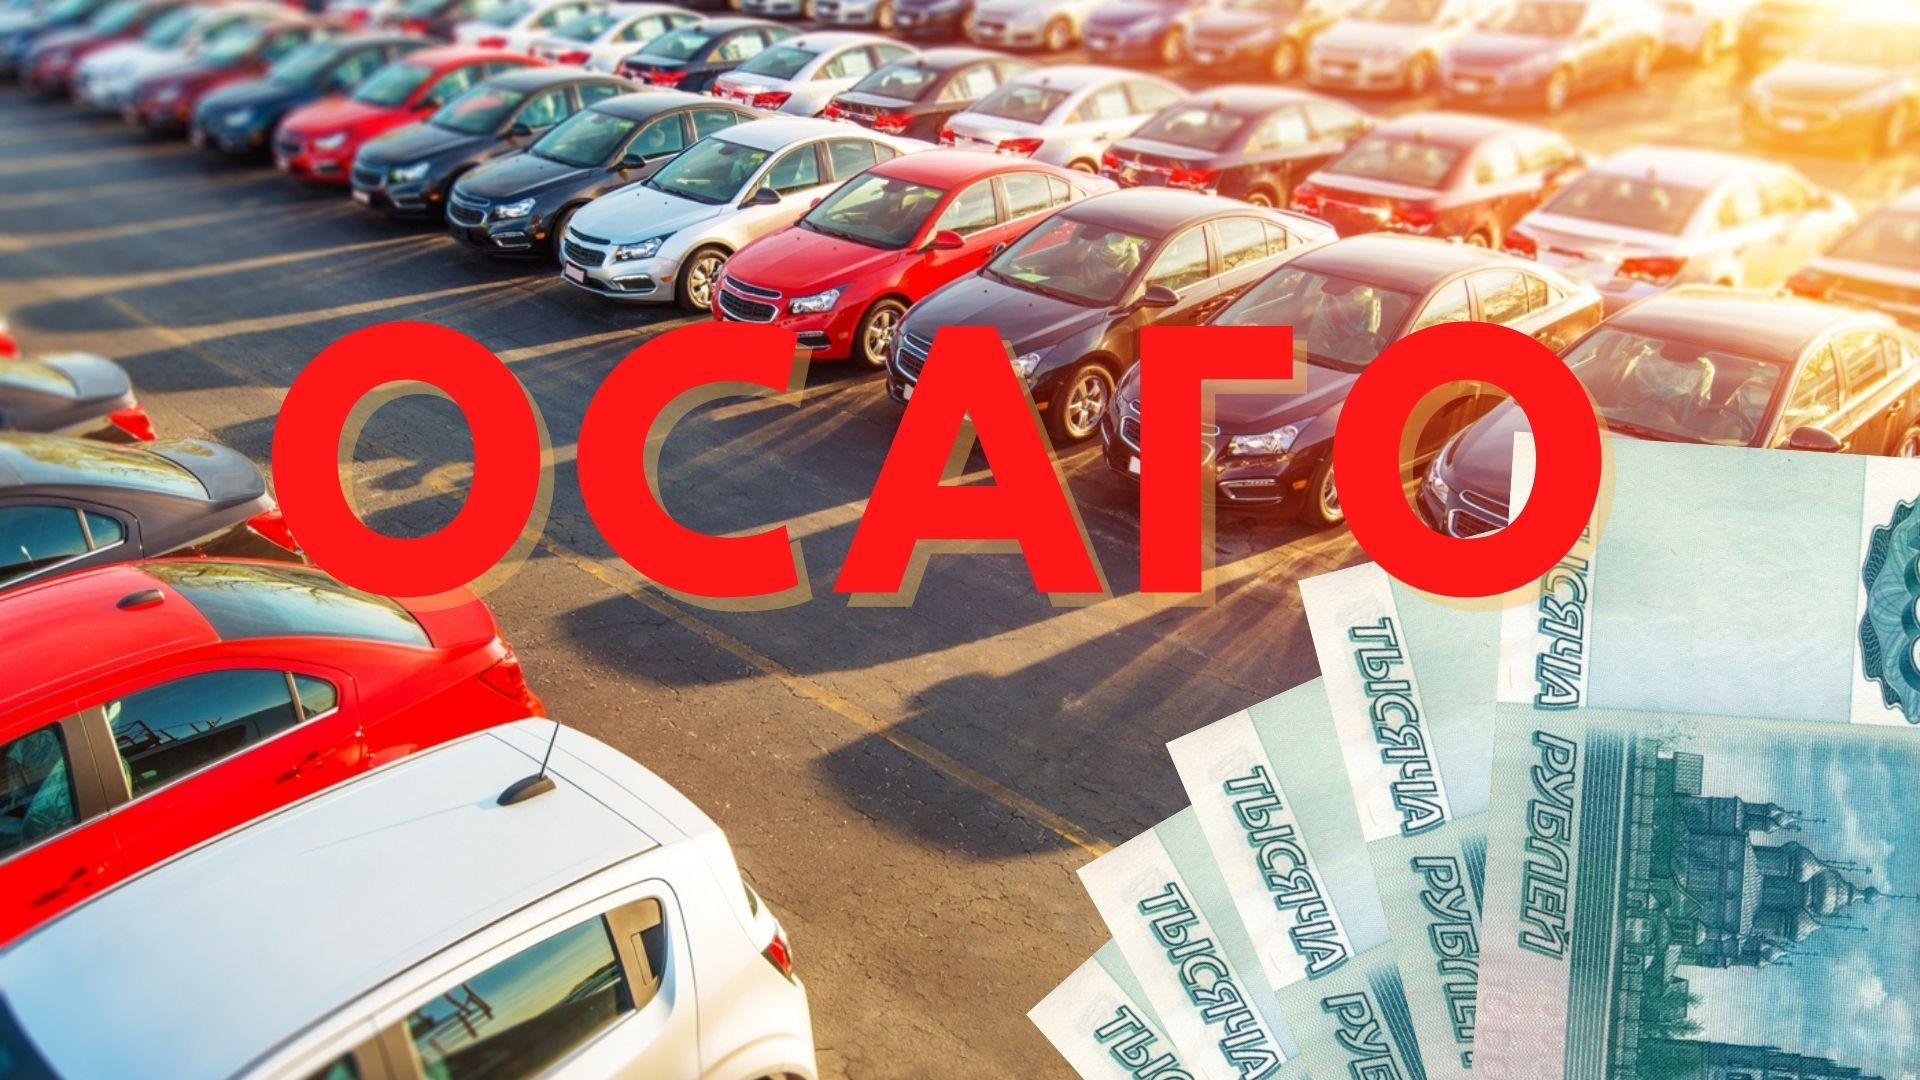 ка сделать автомобильную страховку осаго дешевле